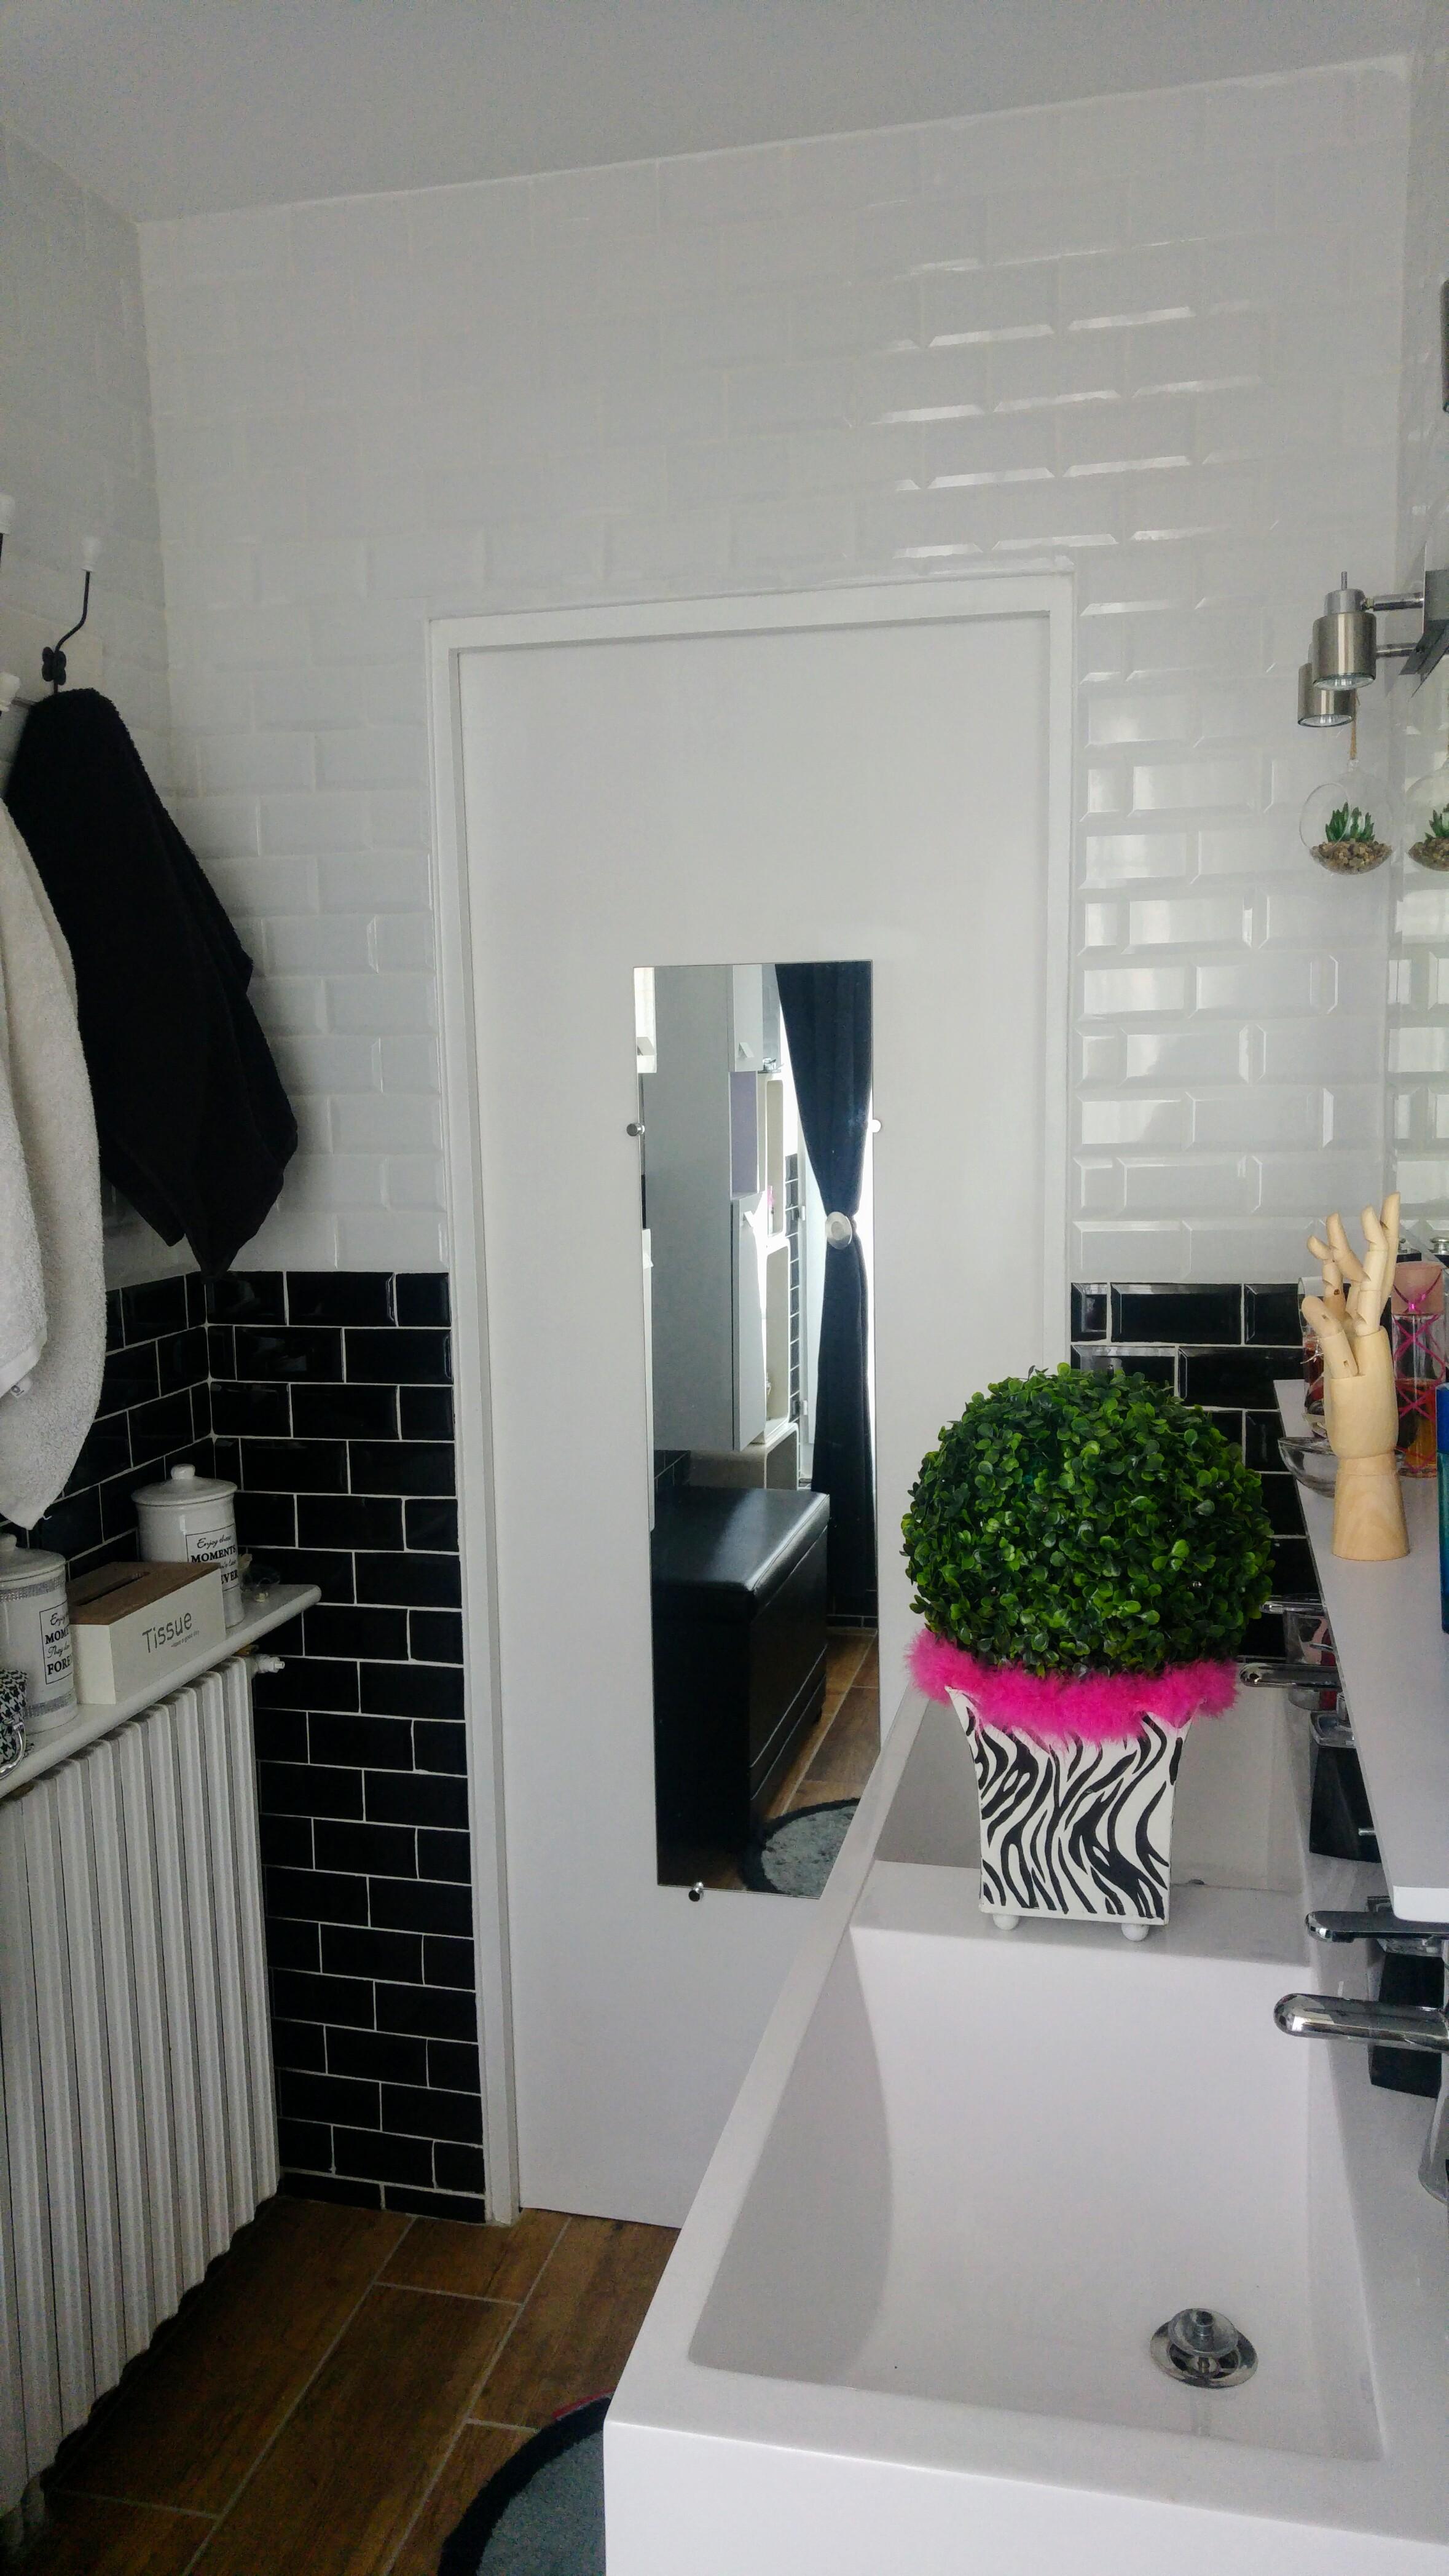 Idees Deco Salle De Bain Carrelage avant après salle de bain design | missglamazone